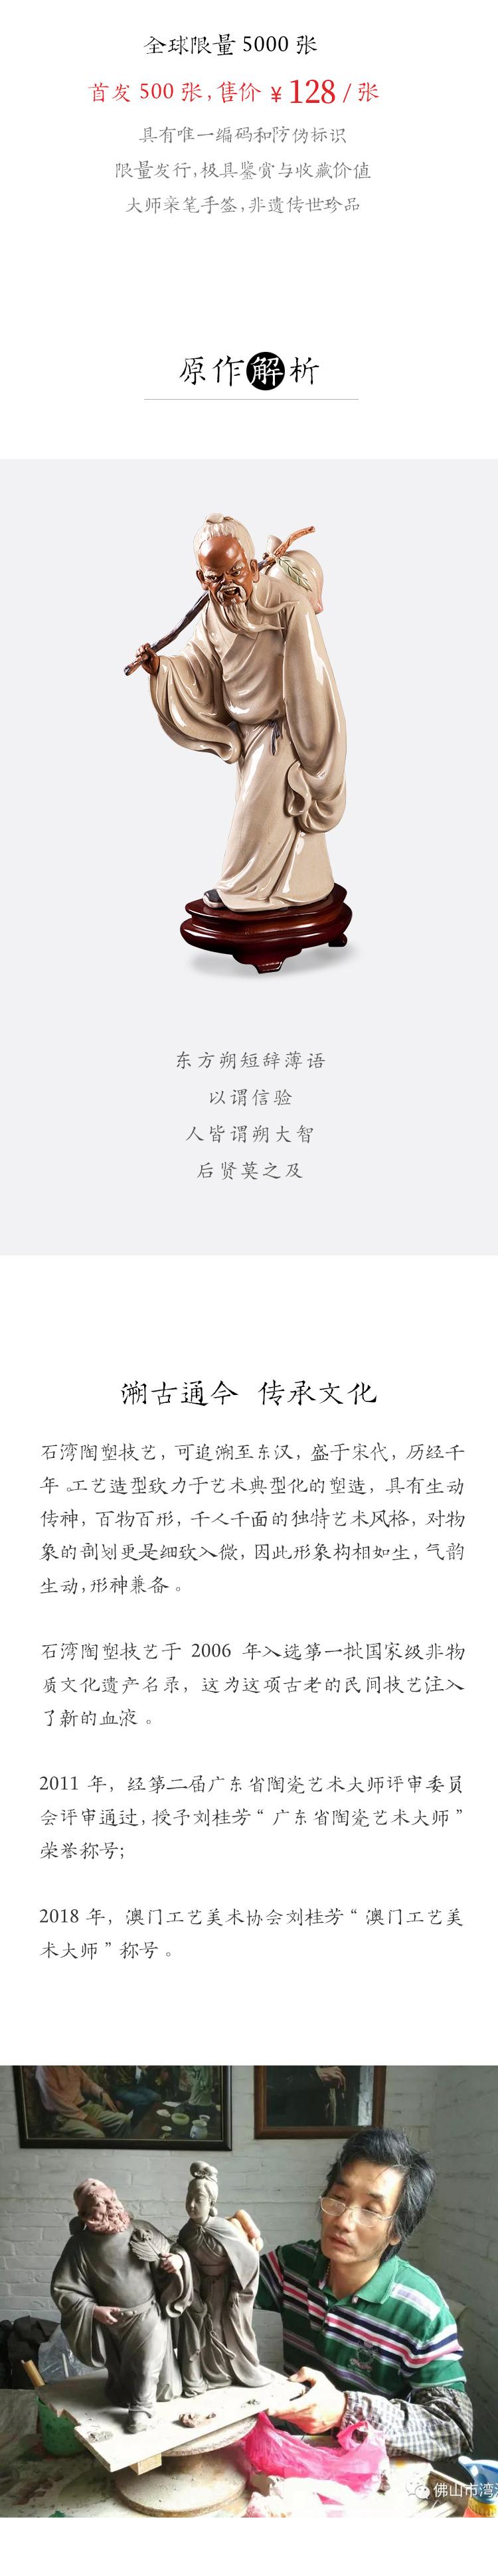 刘桂芳-东方朔_02.jpg